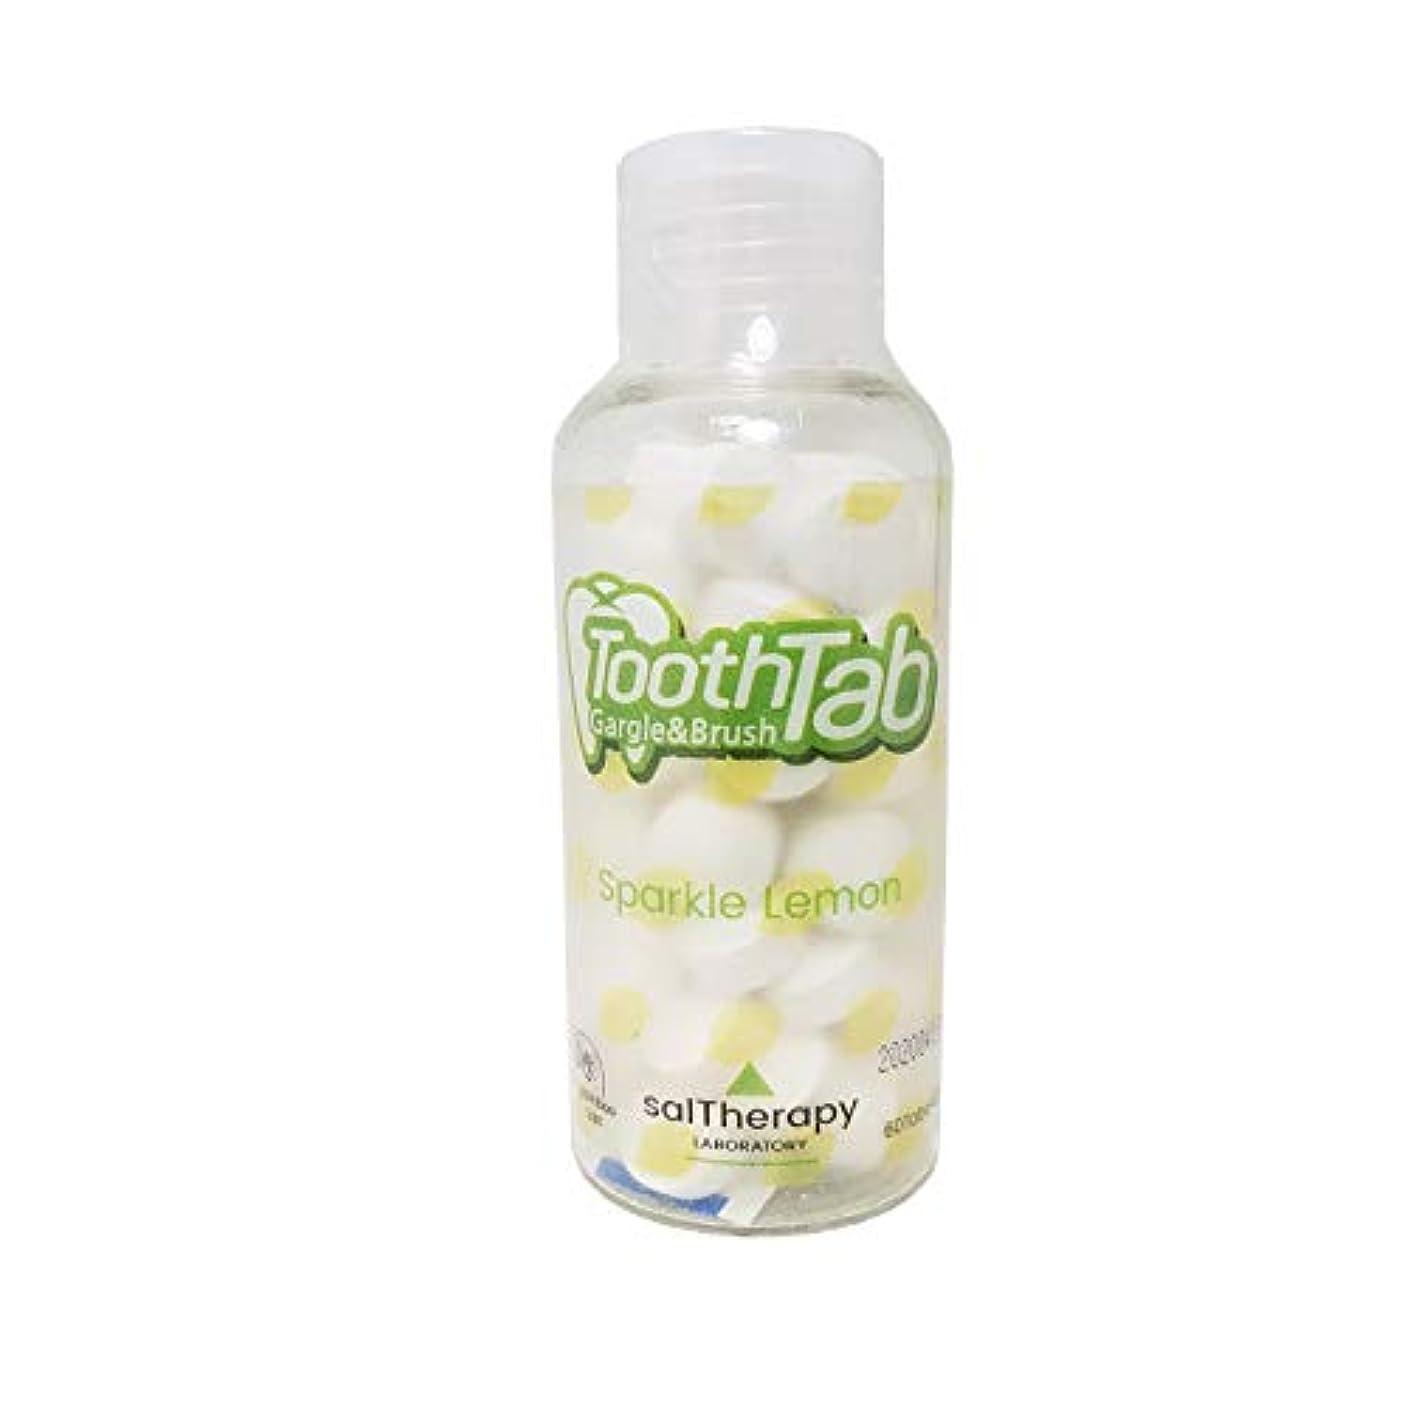 近代化する樫の木集団SalTherapy 歯磨き粉 固体タブレット 60個入 (Sparkle Lemon)